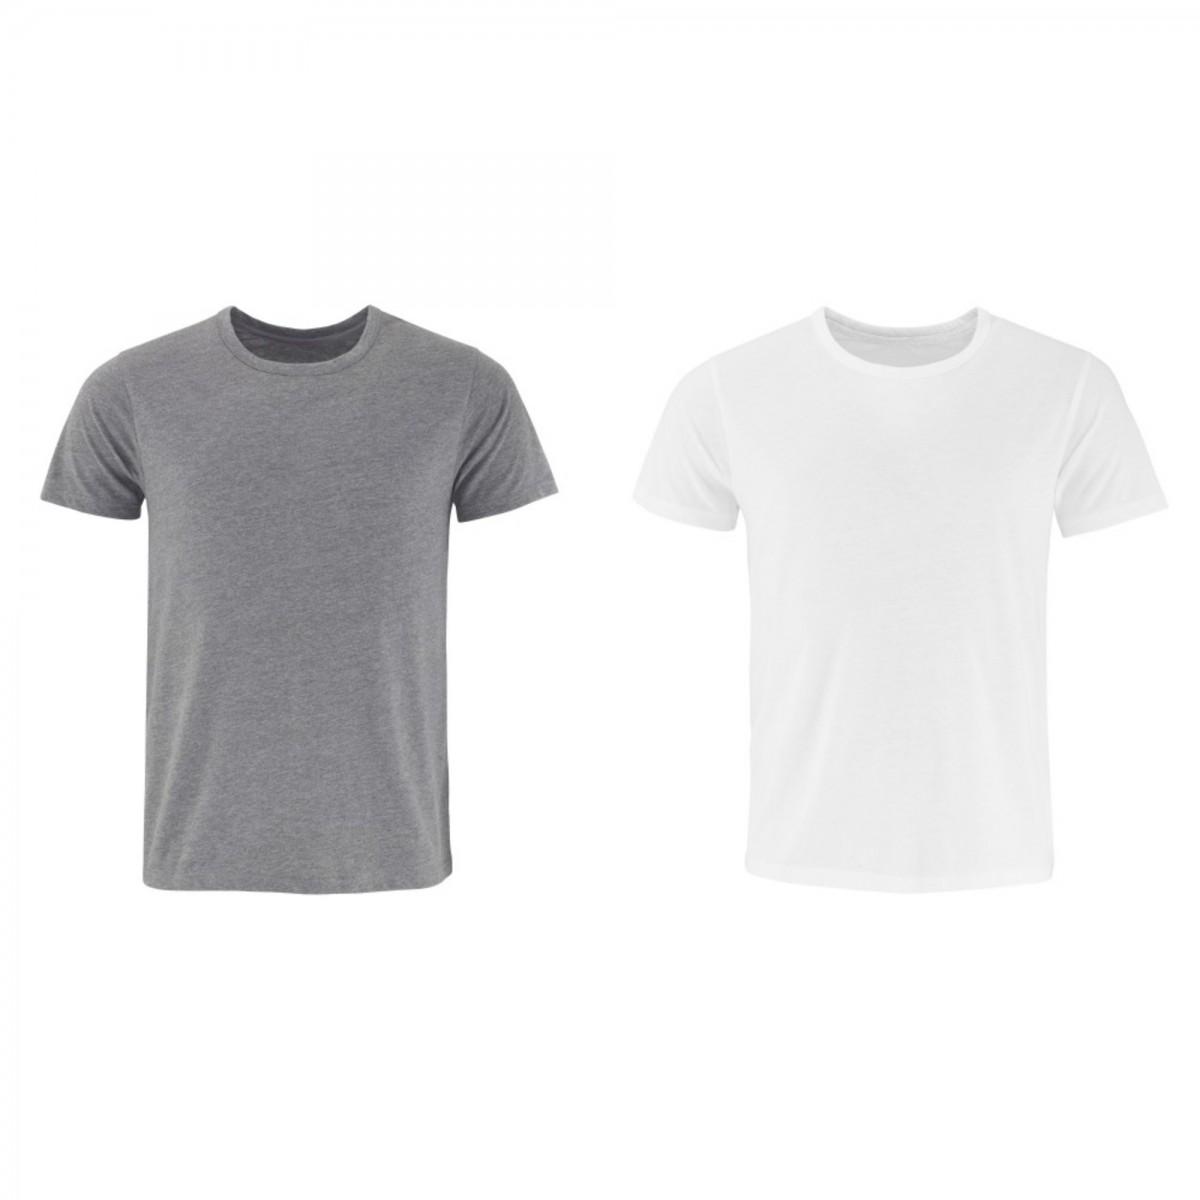 (コンフィー・コー) Comfy Co メンズ Sleepy 半袖 パジャマトップ Tシャツ ルームウェア 夏 【楽天海外直送】